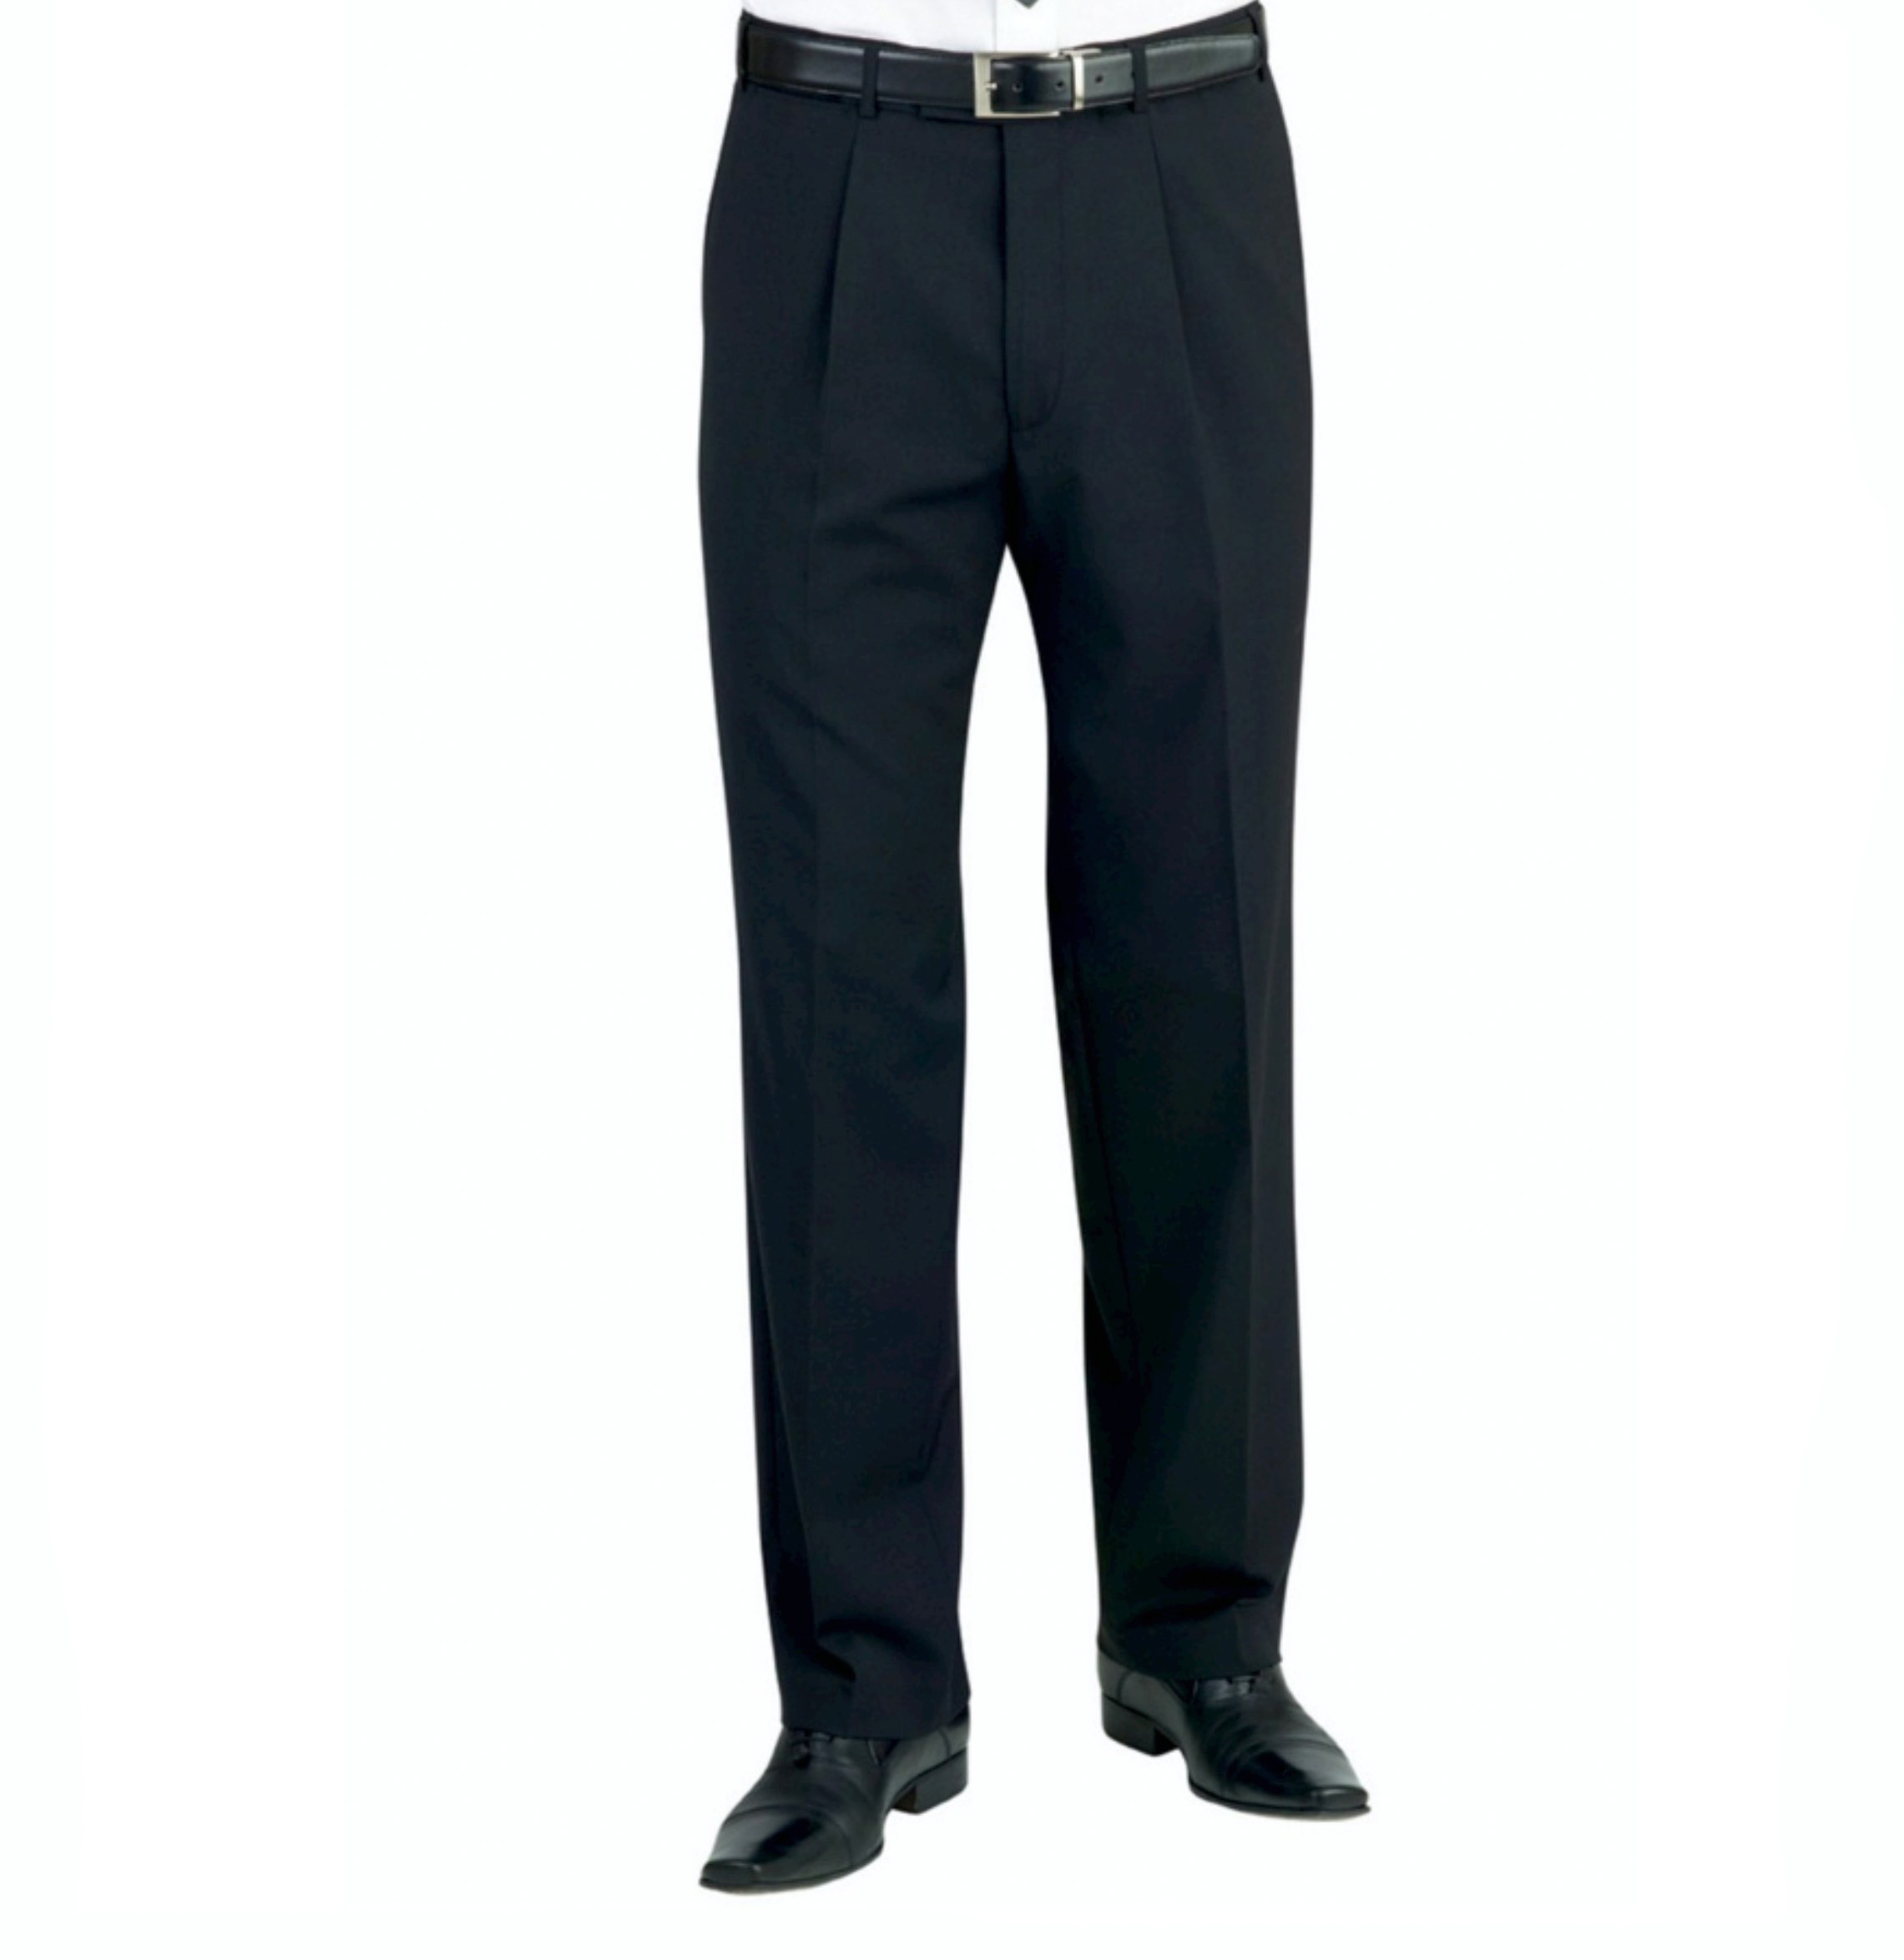 Imola pantalone (U)